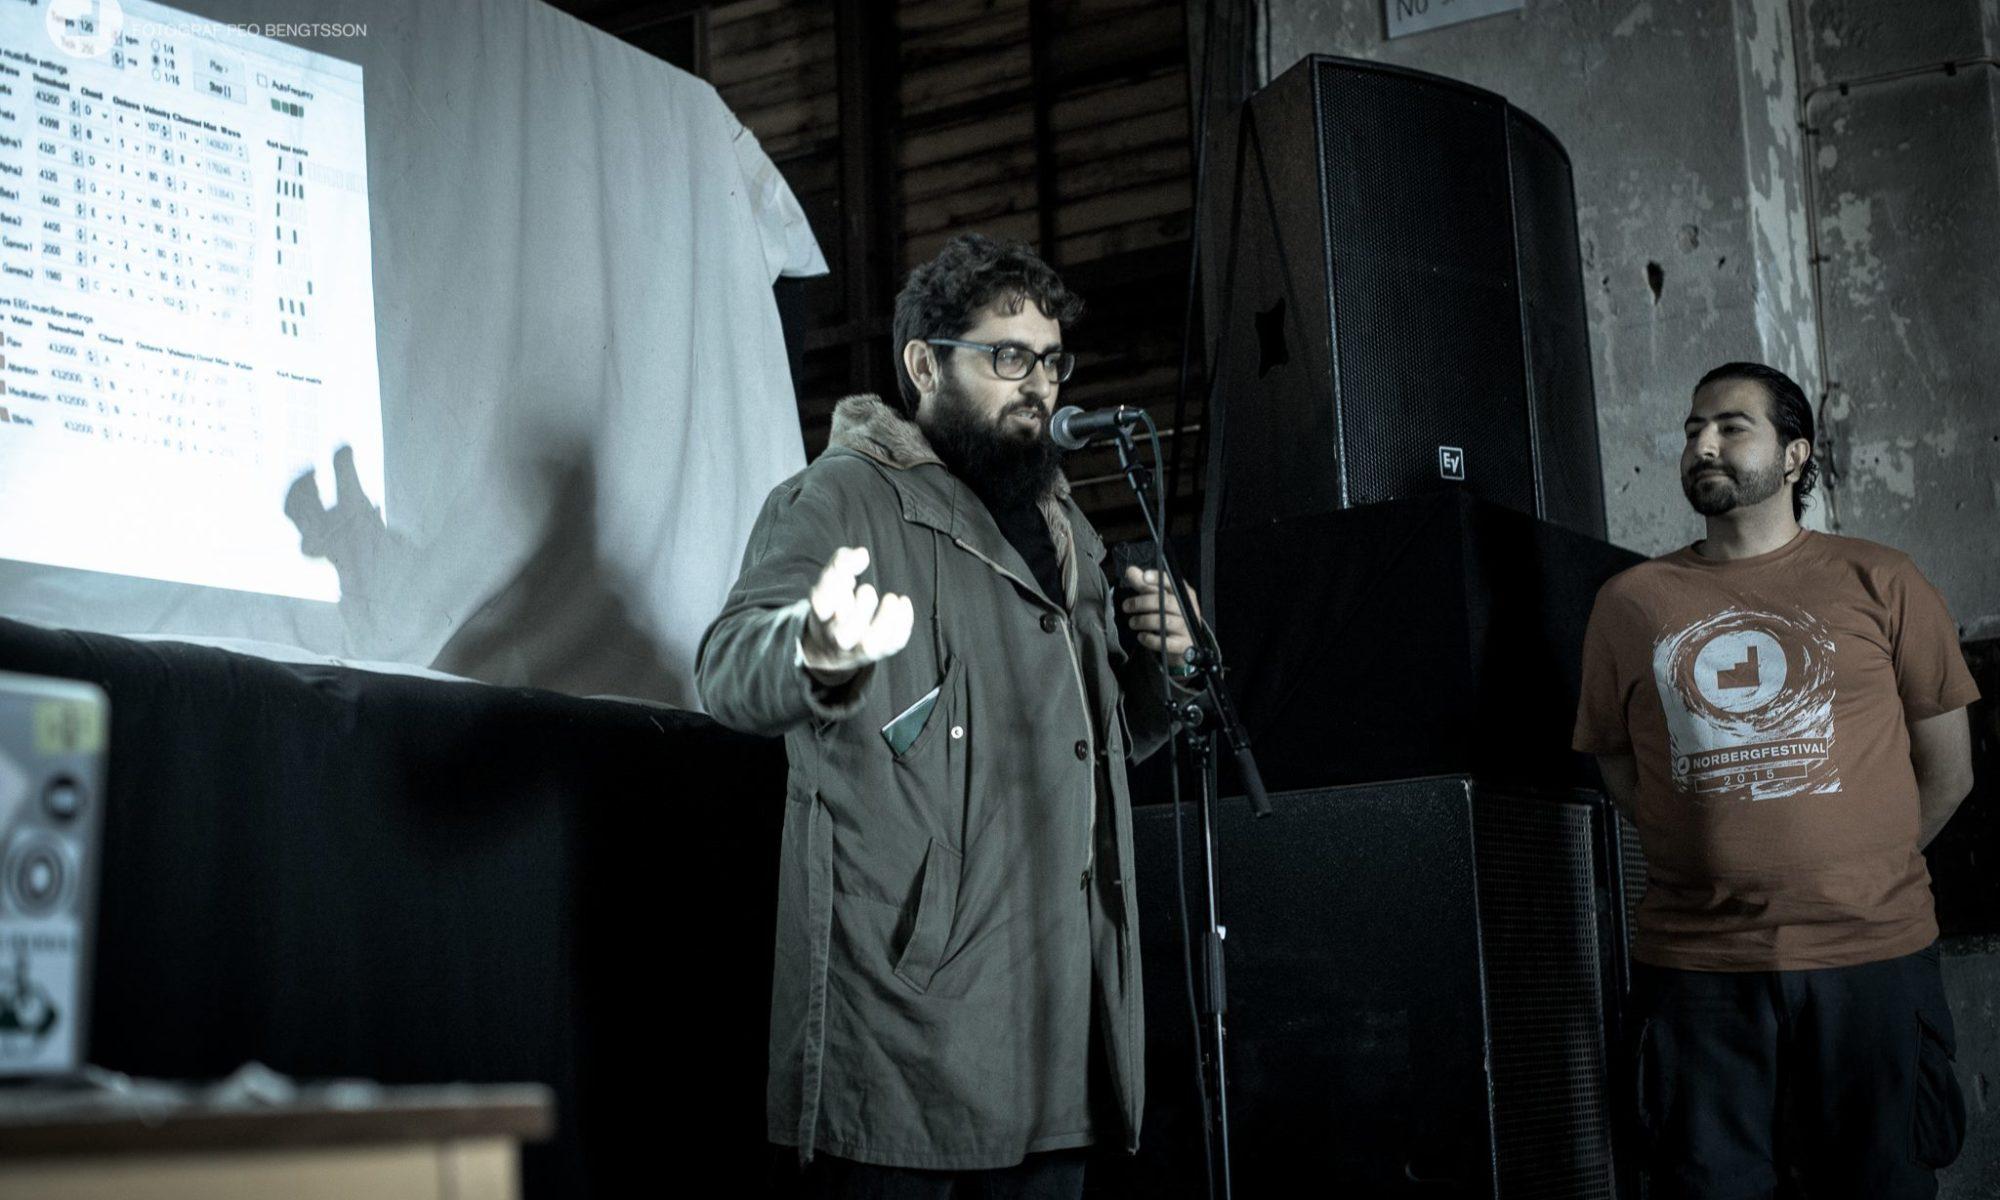 Norberg Festival Mimerlaven con Luis Xandy Anjos y Juanma LoDo.